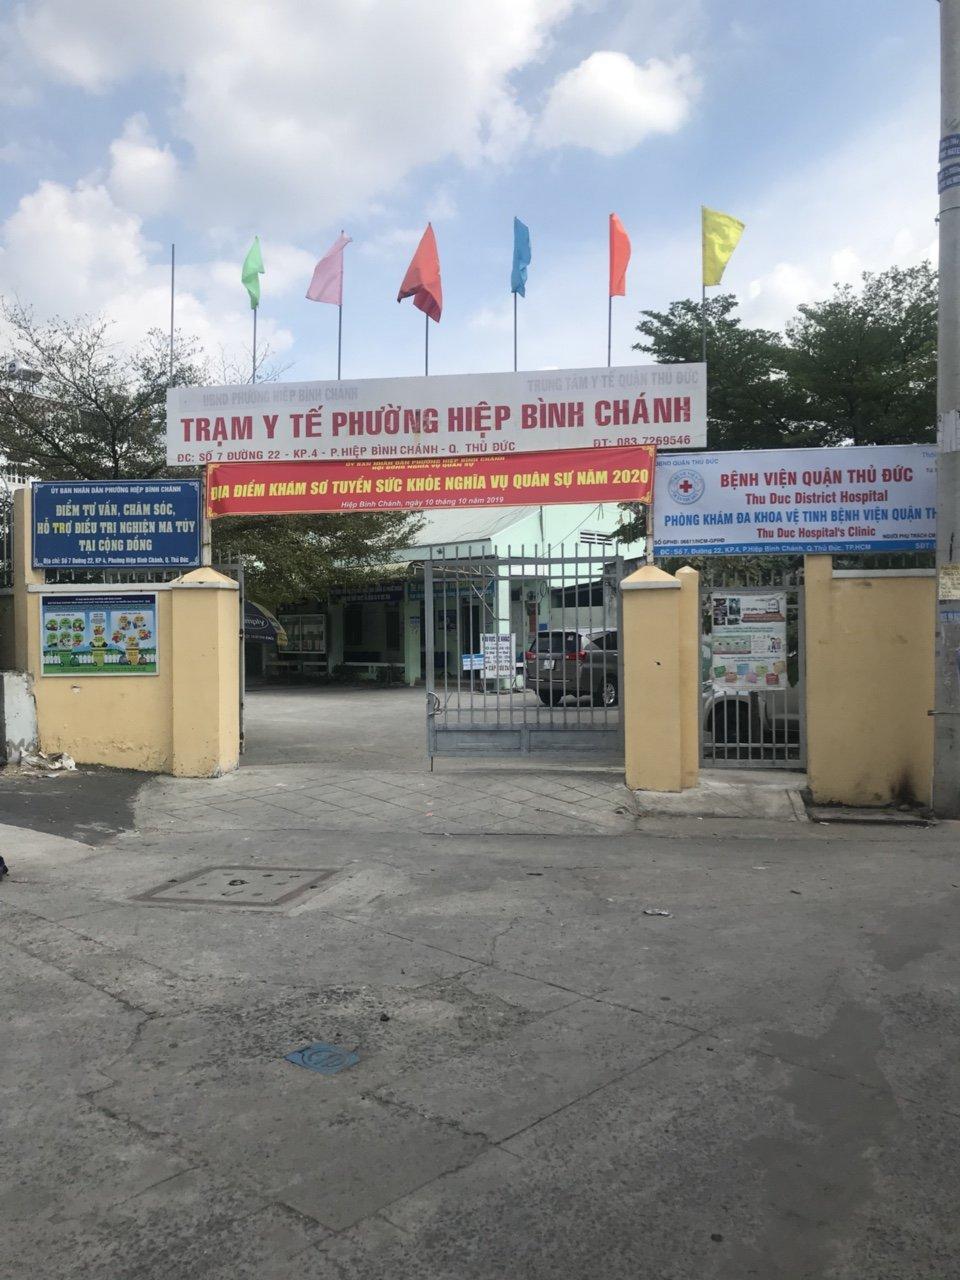 Phòng khám Đa khoa vệ tinh Hiệp Bình Chánh